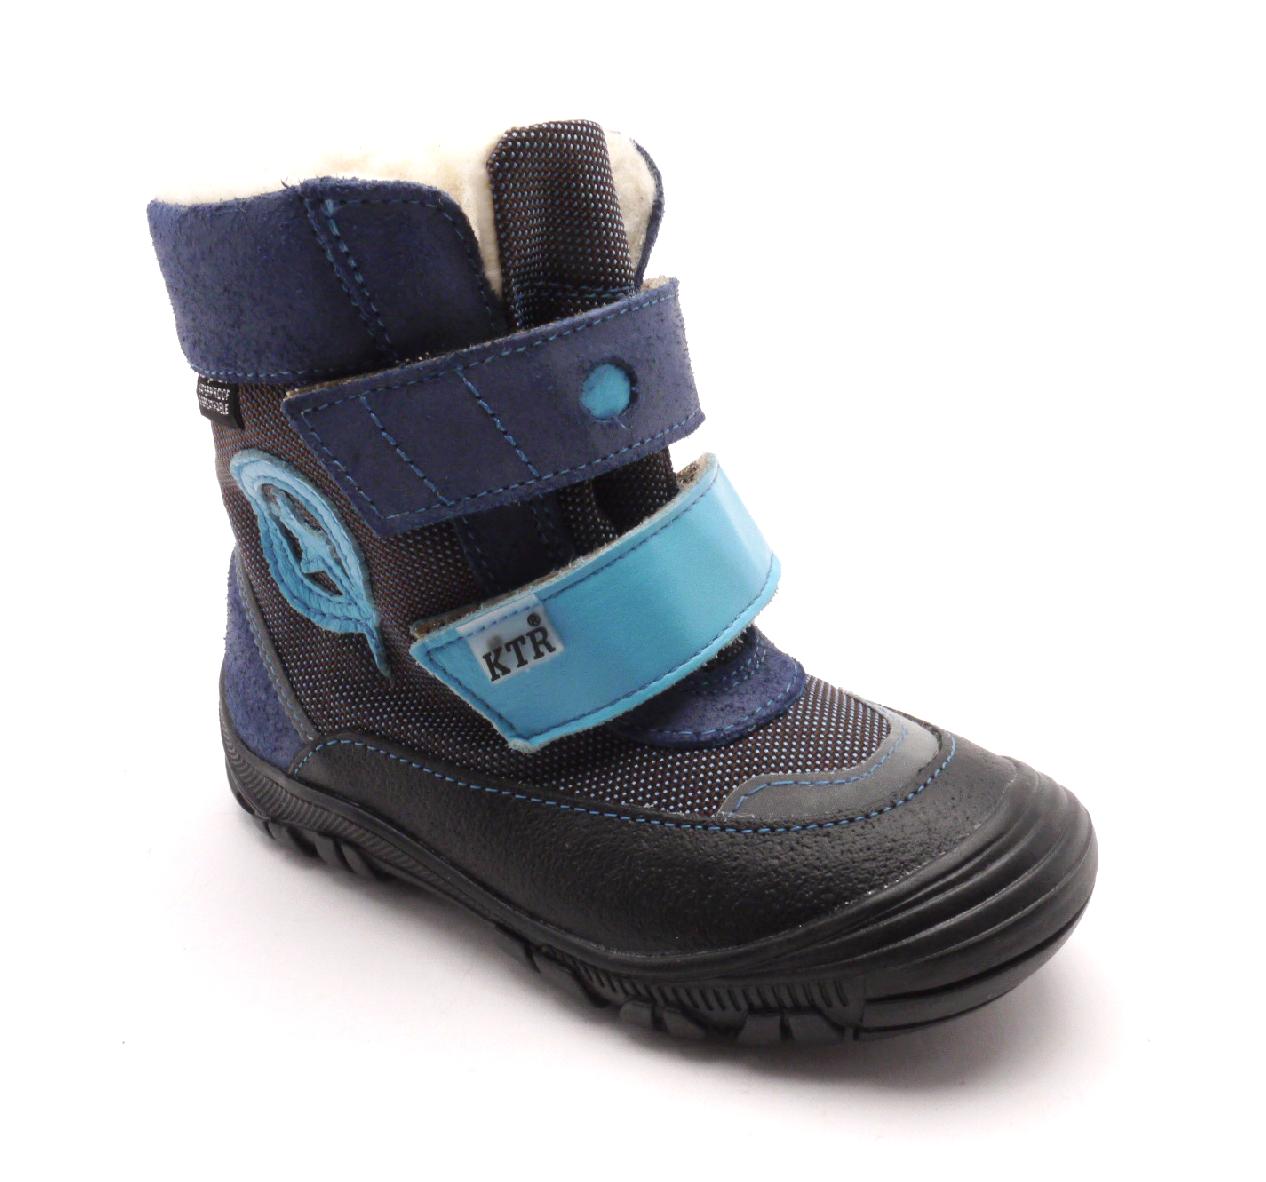 Konsorcium Dětská zimní kotníčková obuv 316/1/N2 Modrá velikost: 27